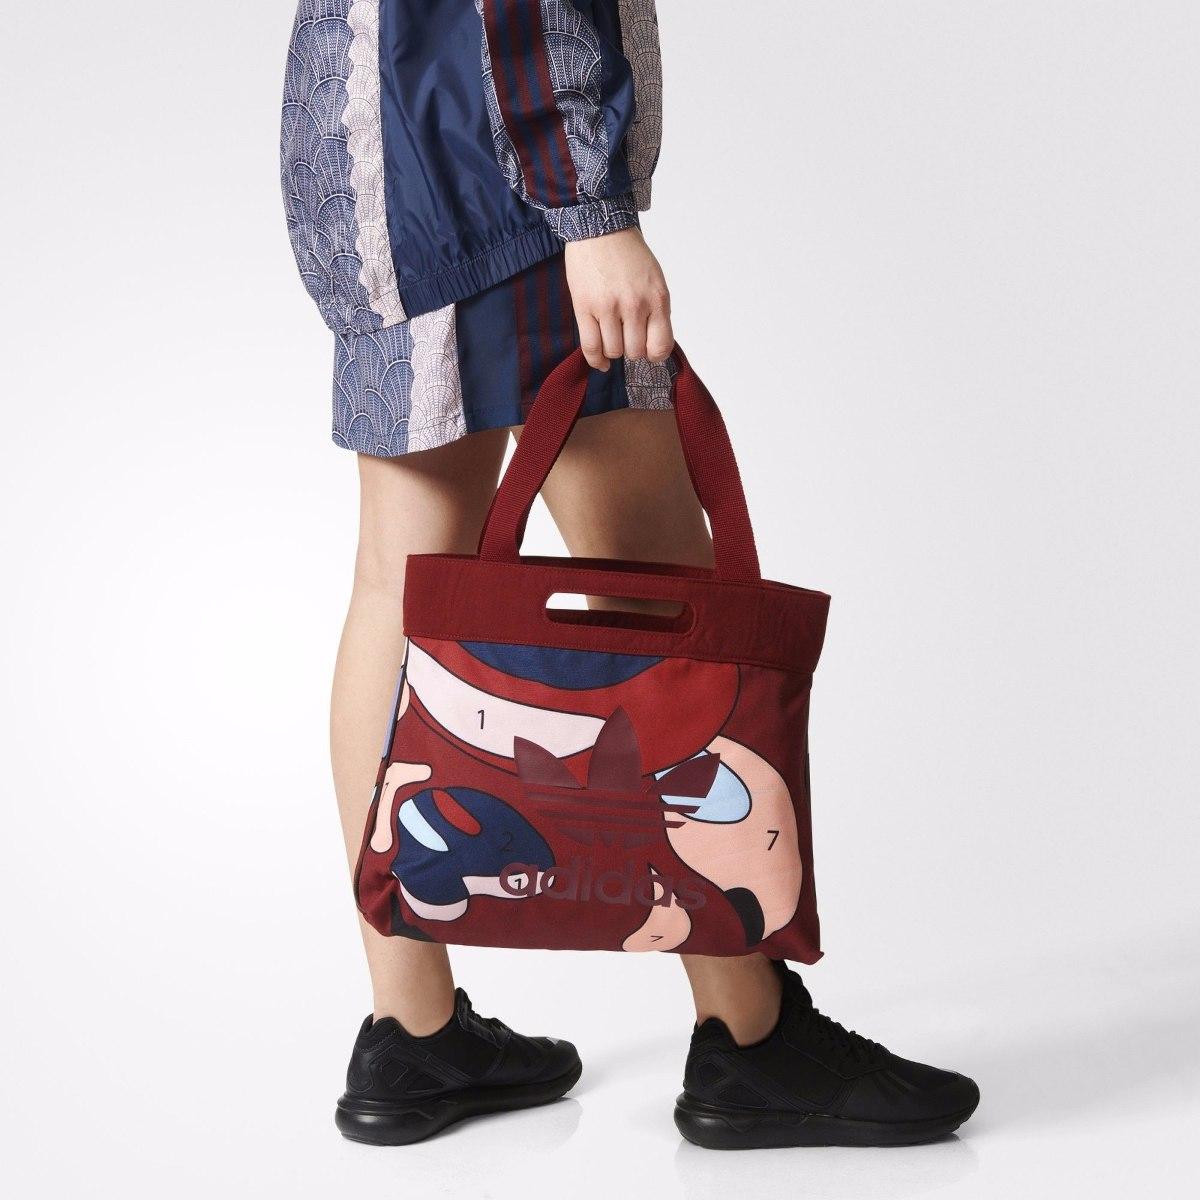 Adidas Originals Rita Mochila Ay9375 Bolsa Mujer Ora SVGUMqzp